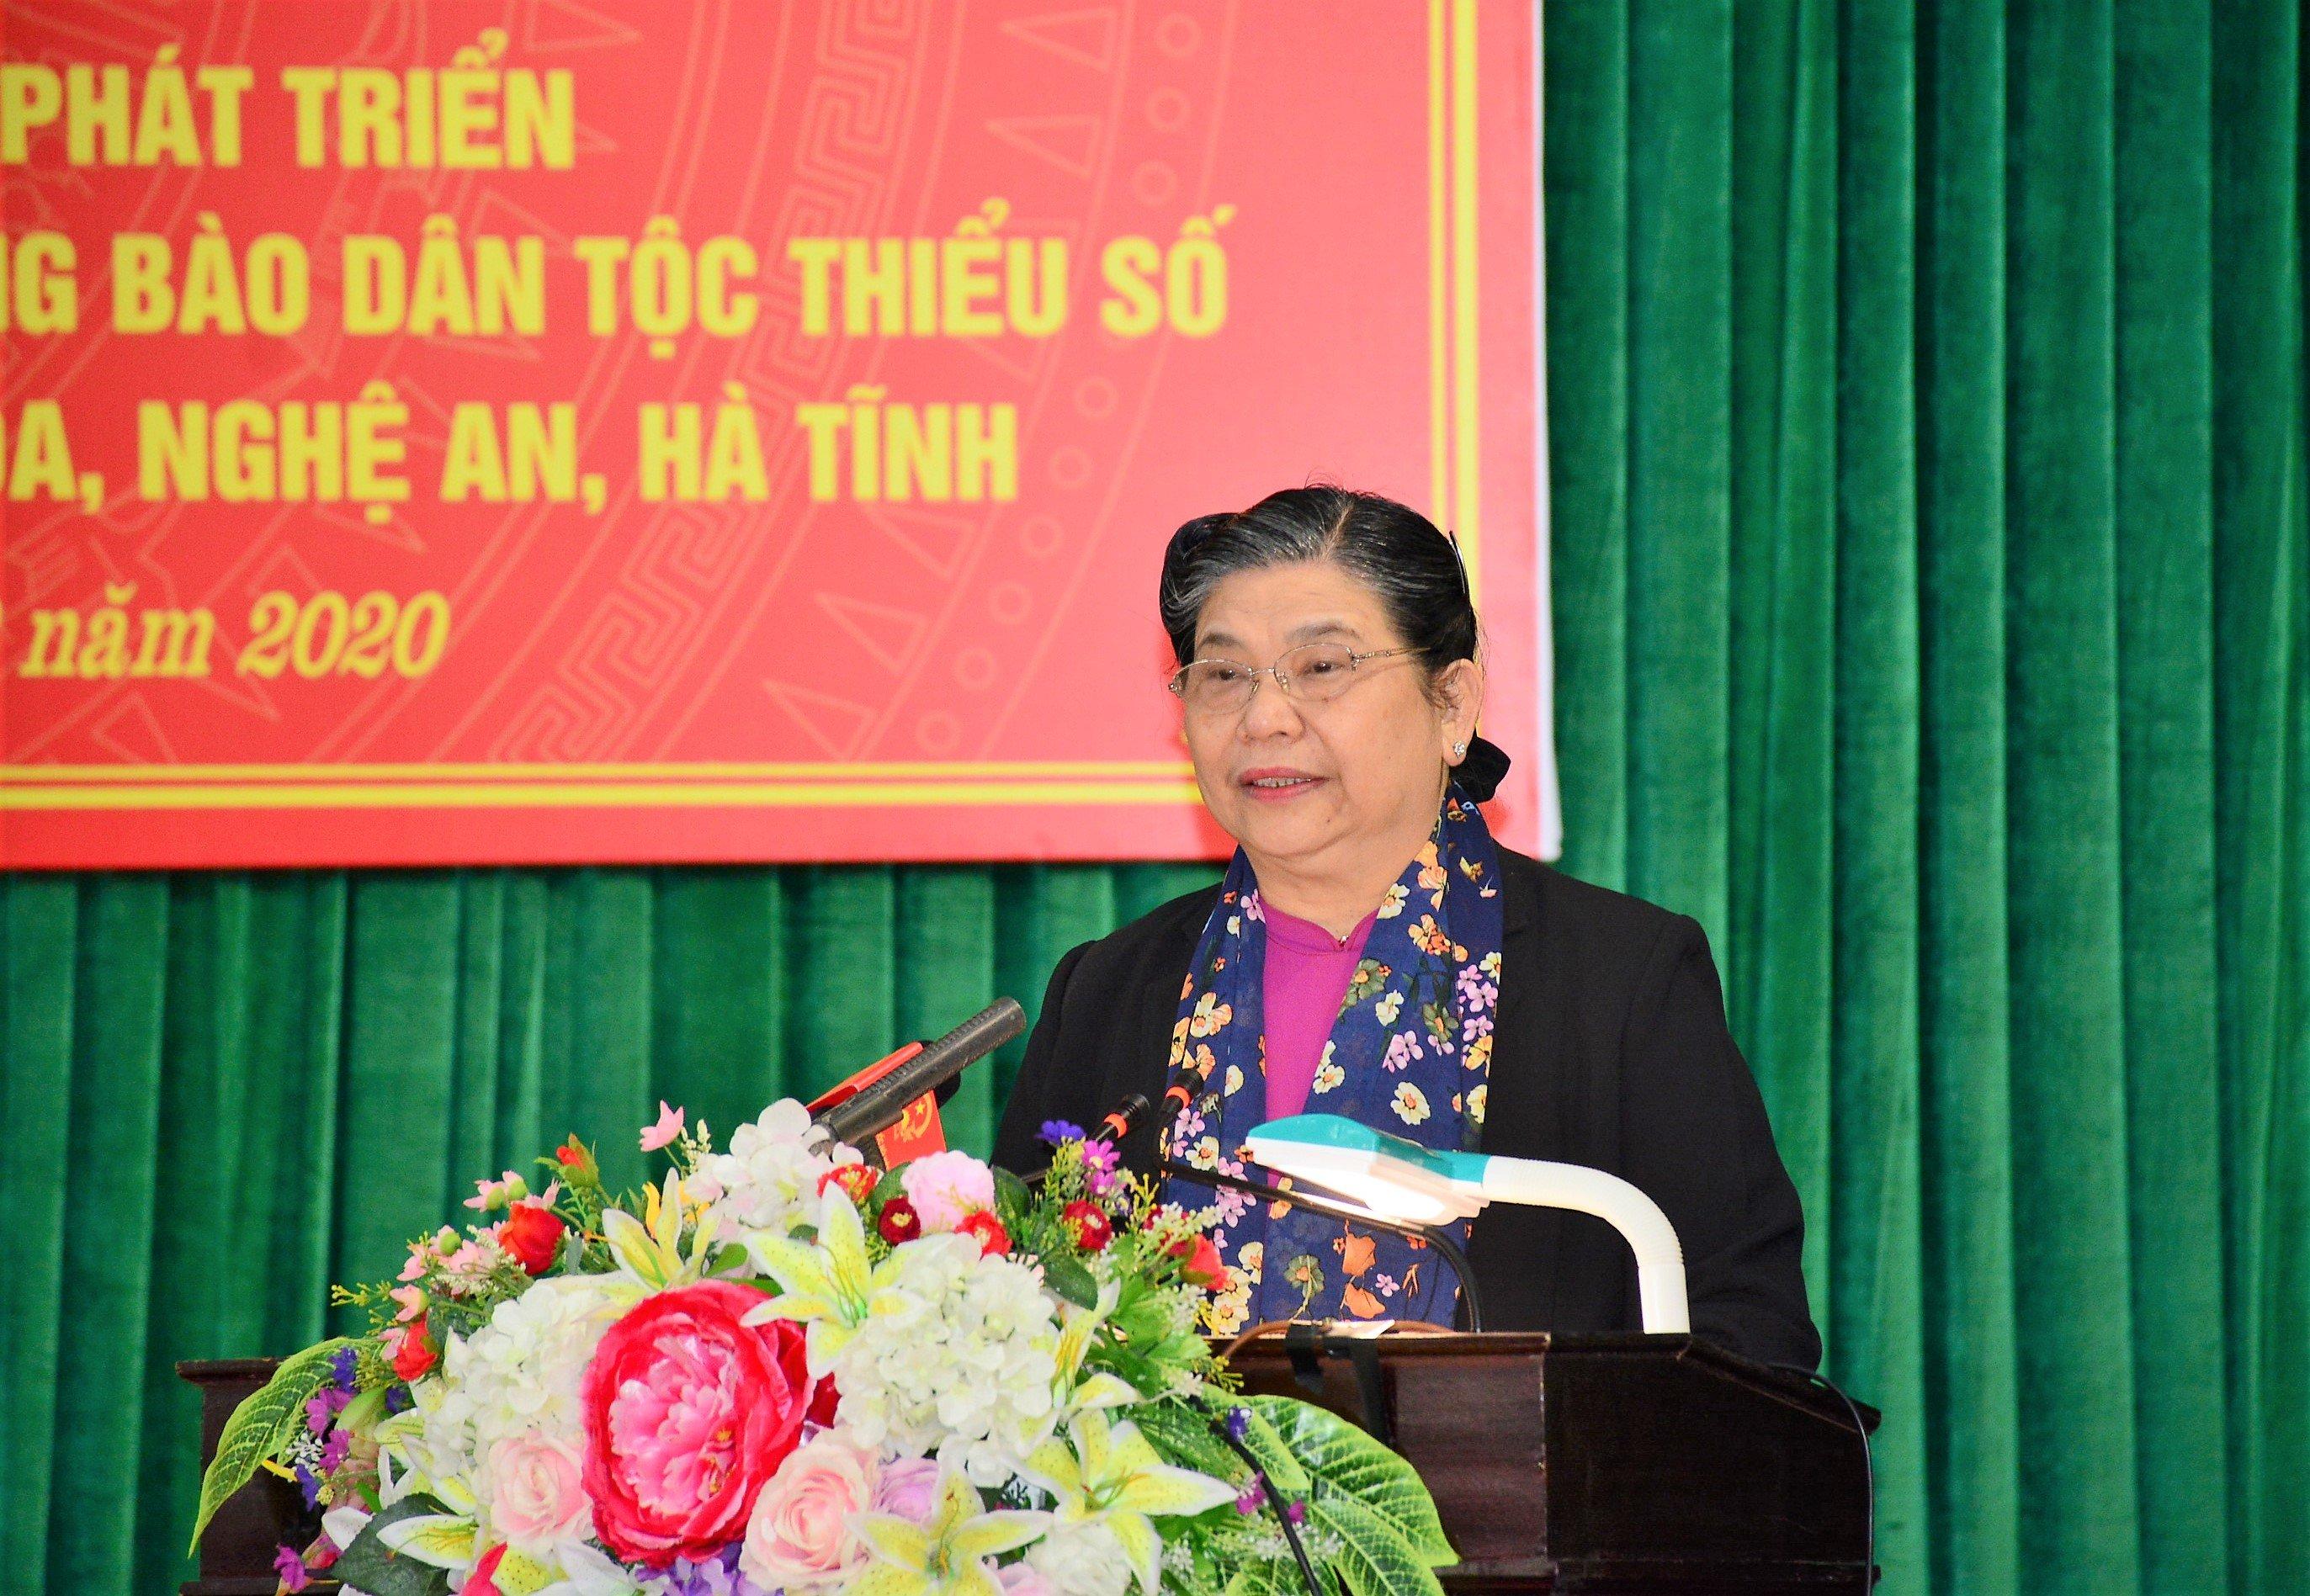 Đồng chí Tòng Thị Phóng, Ủy viên Bộ chính trị, Phó Chủ tịch thường trực Quốc hội phát biểu chỉ đạo Hội thảo